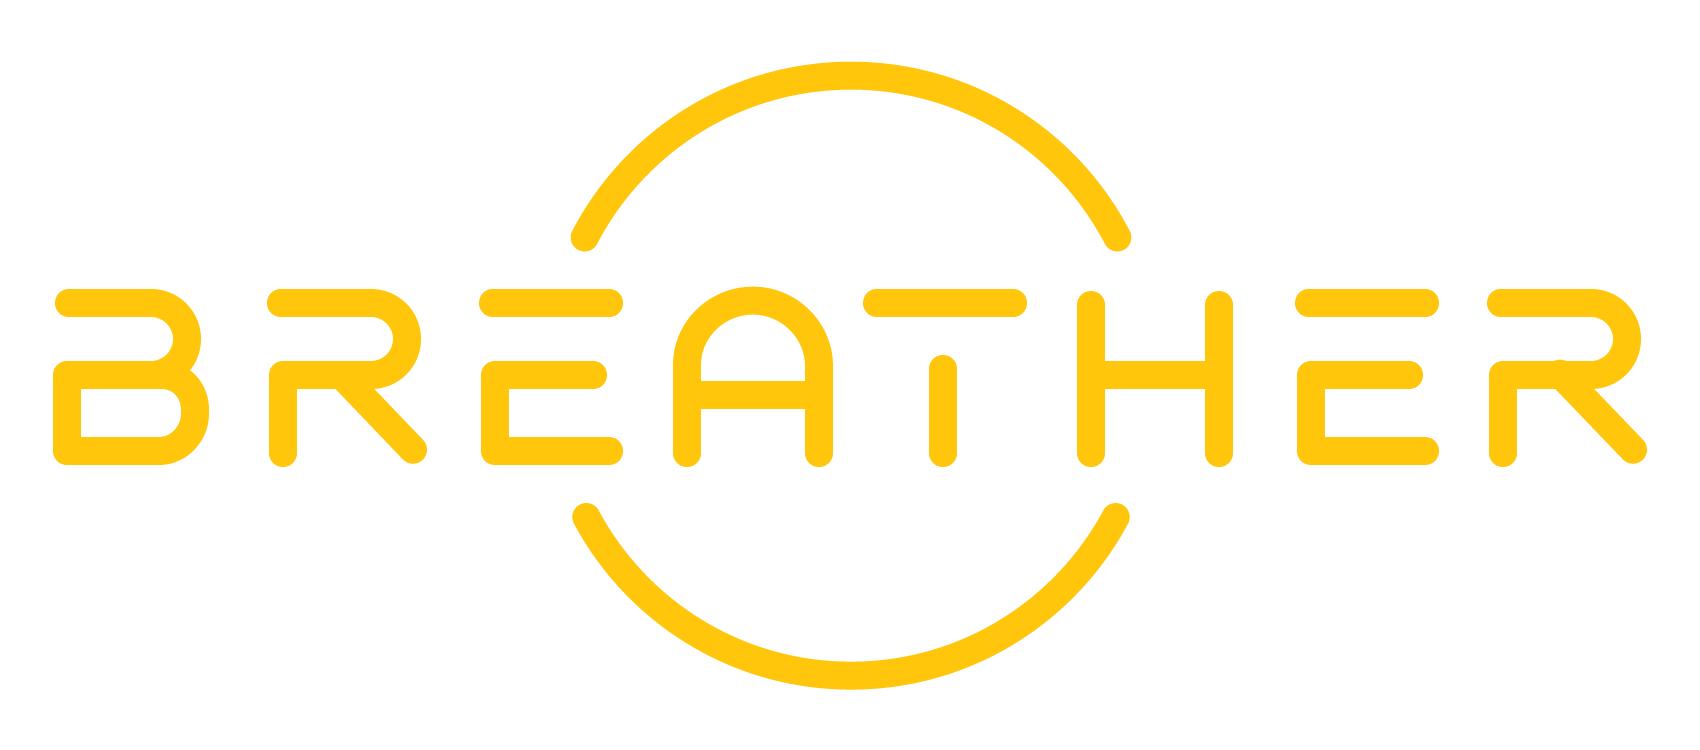 breather logo image